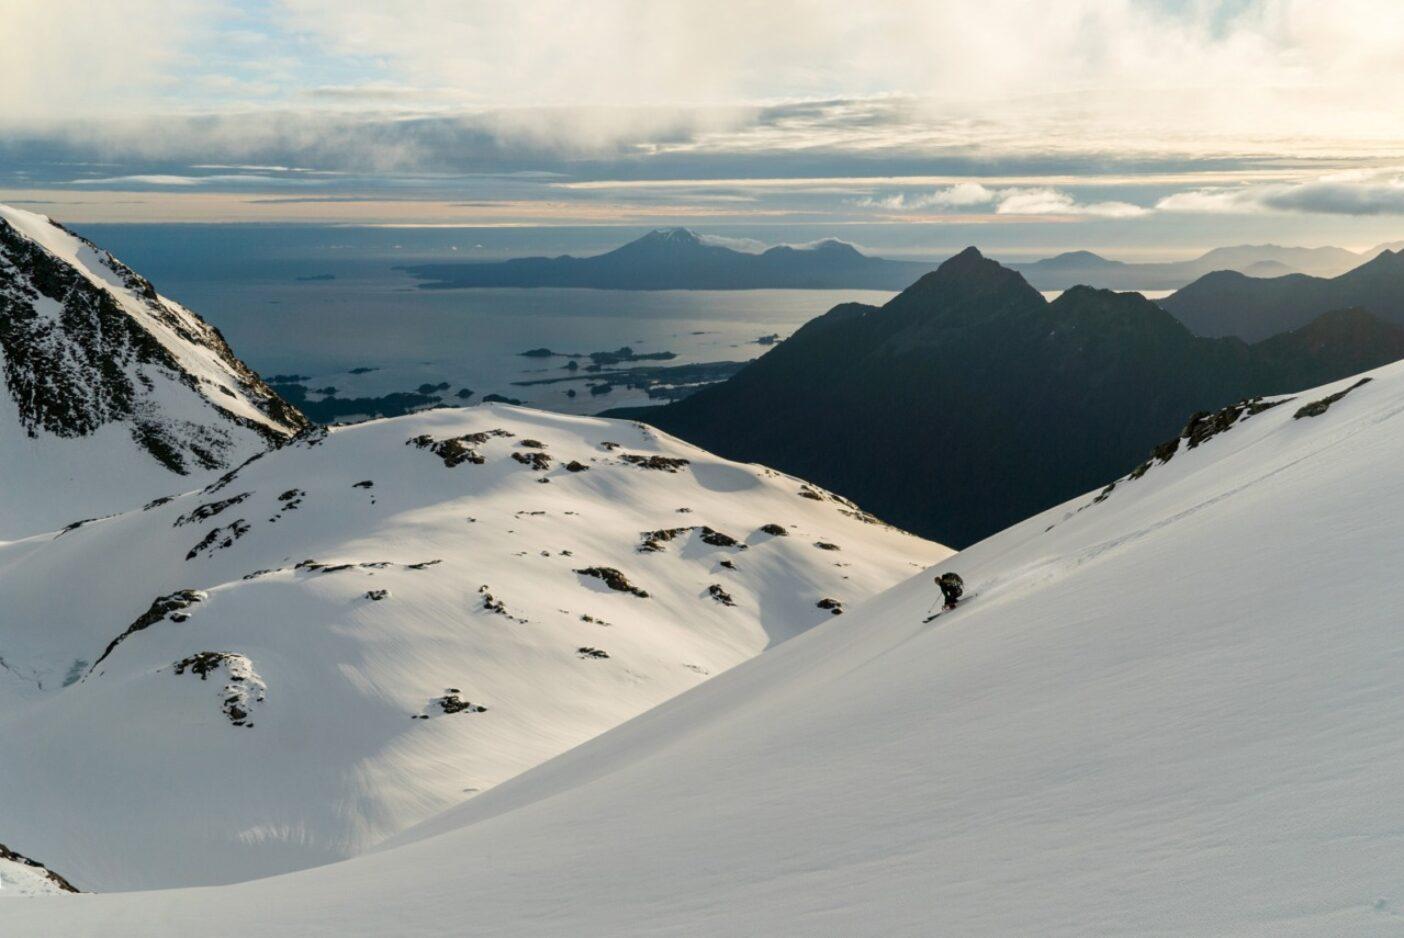 6月初旬、日没の午後10時までねばって何とかもうひと滑りする。アラスカ州シトカにて。写真:リー・ハウス